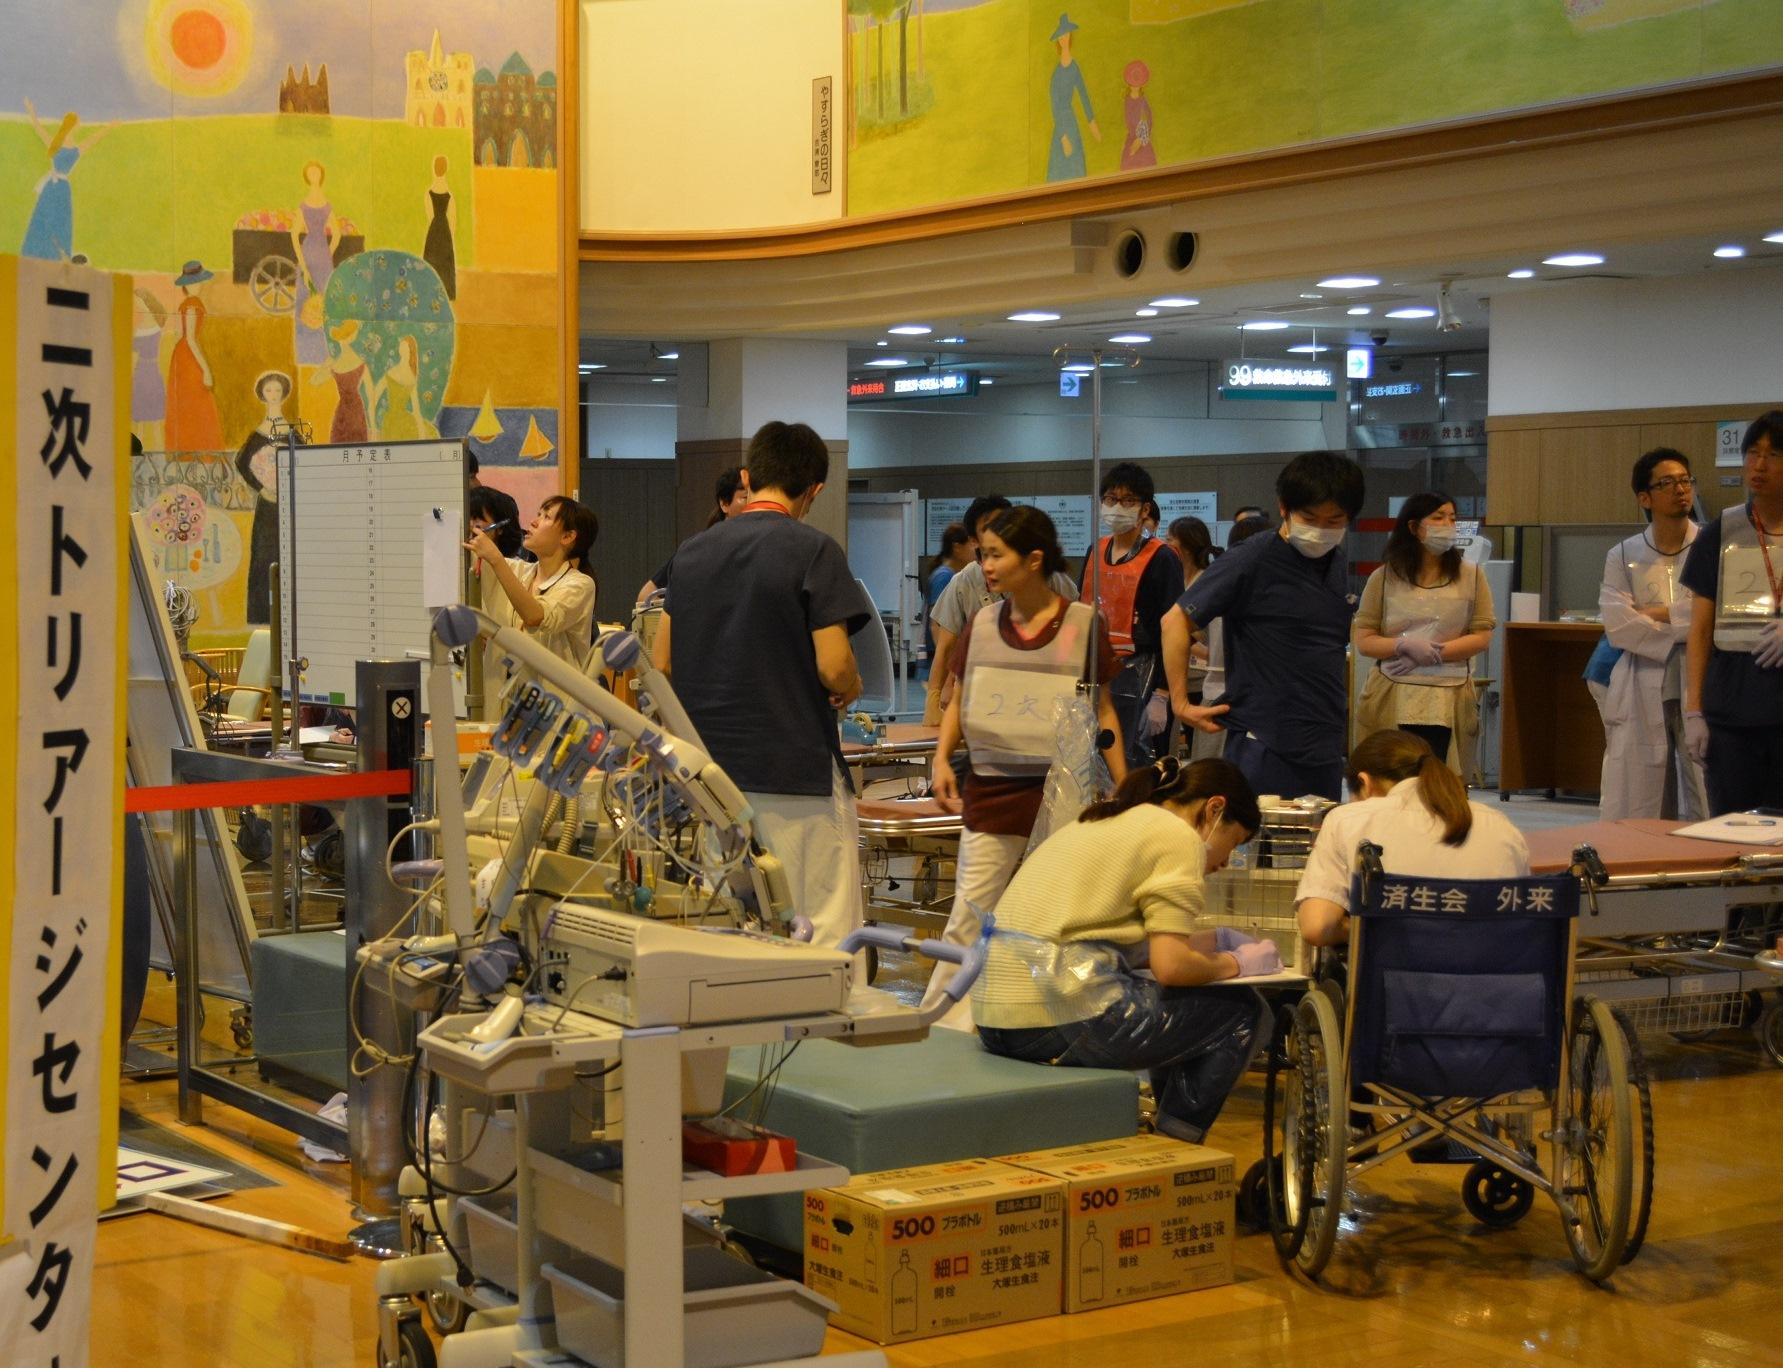 14日の地震後間もなく、熊本病院では負傷者の受け入れを始めた